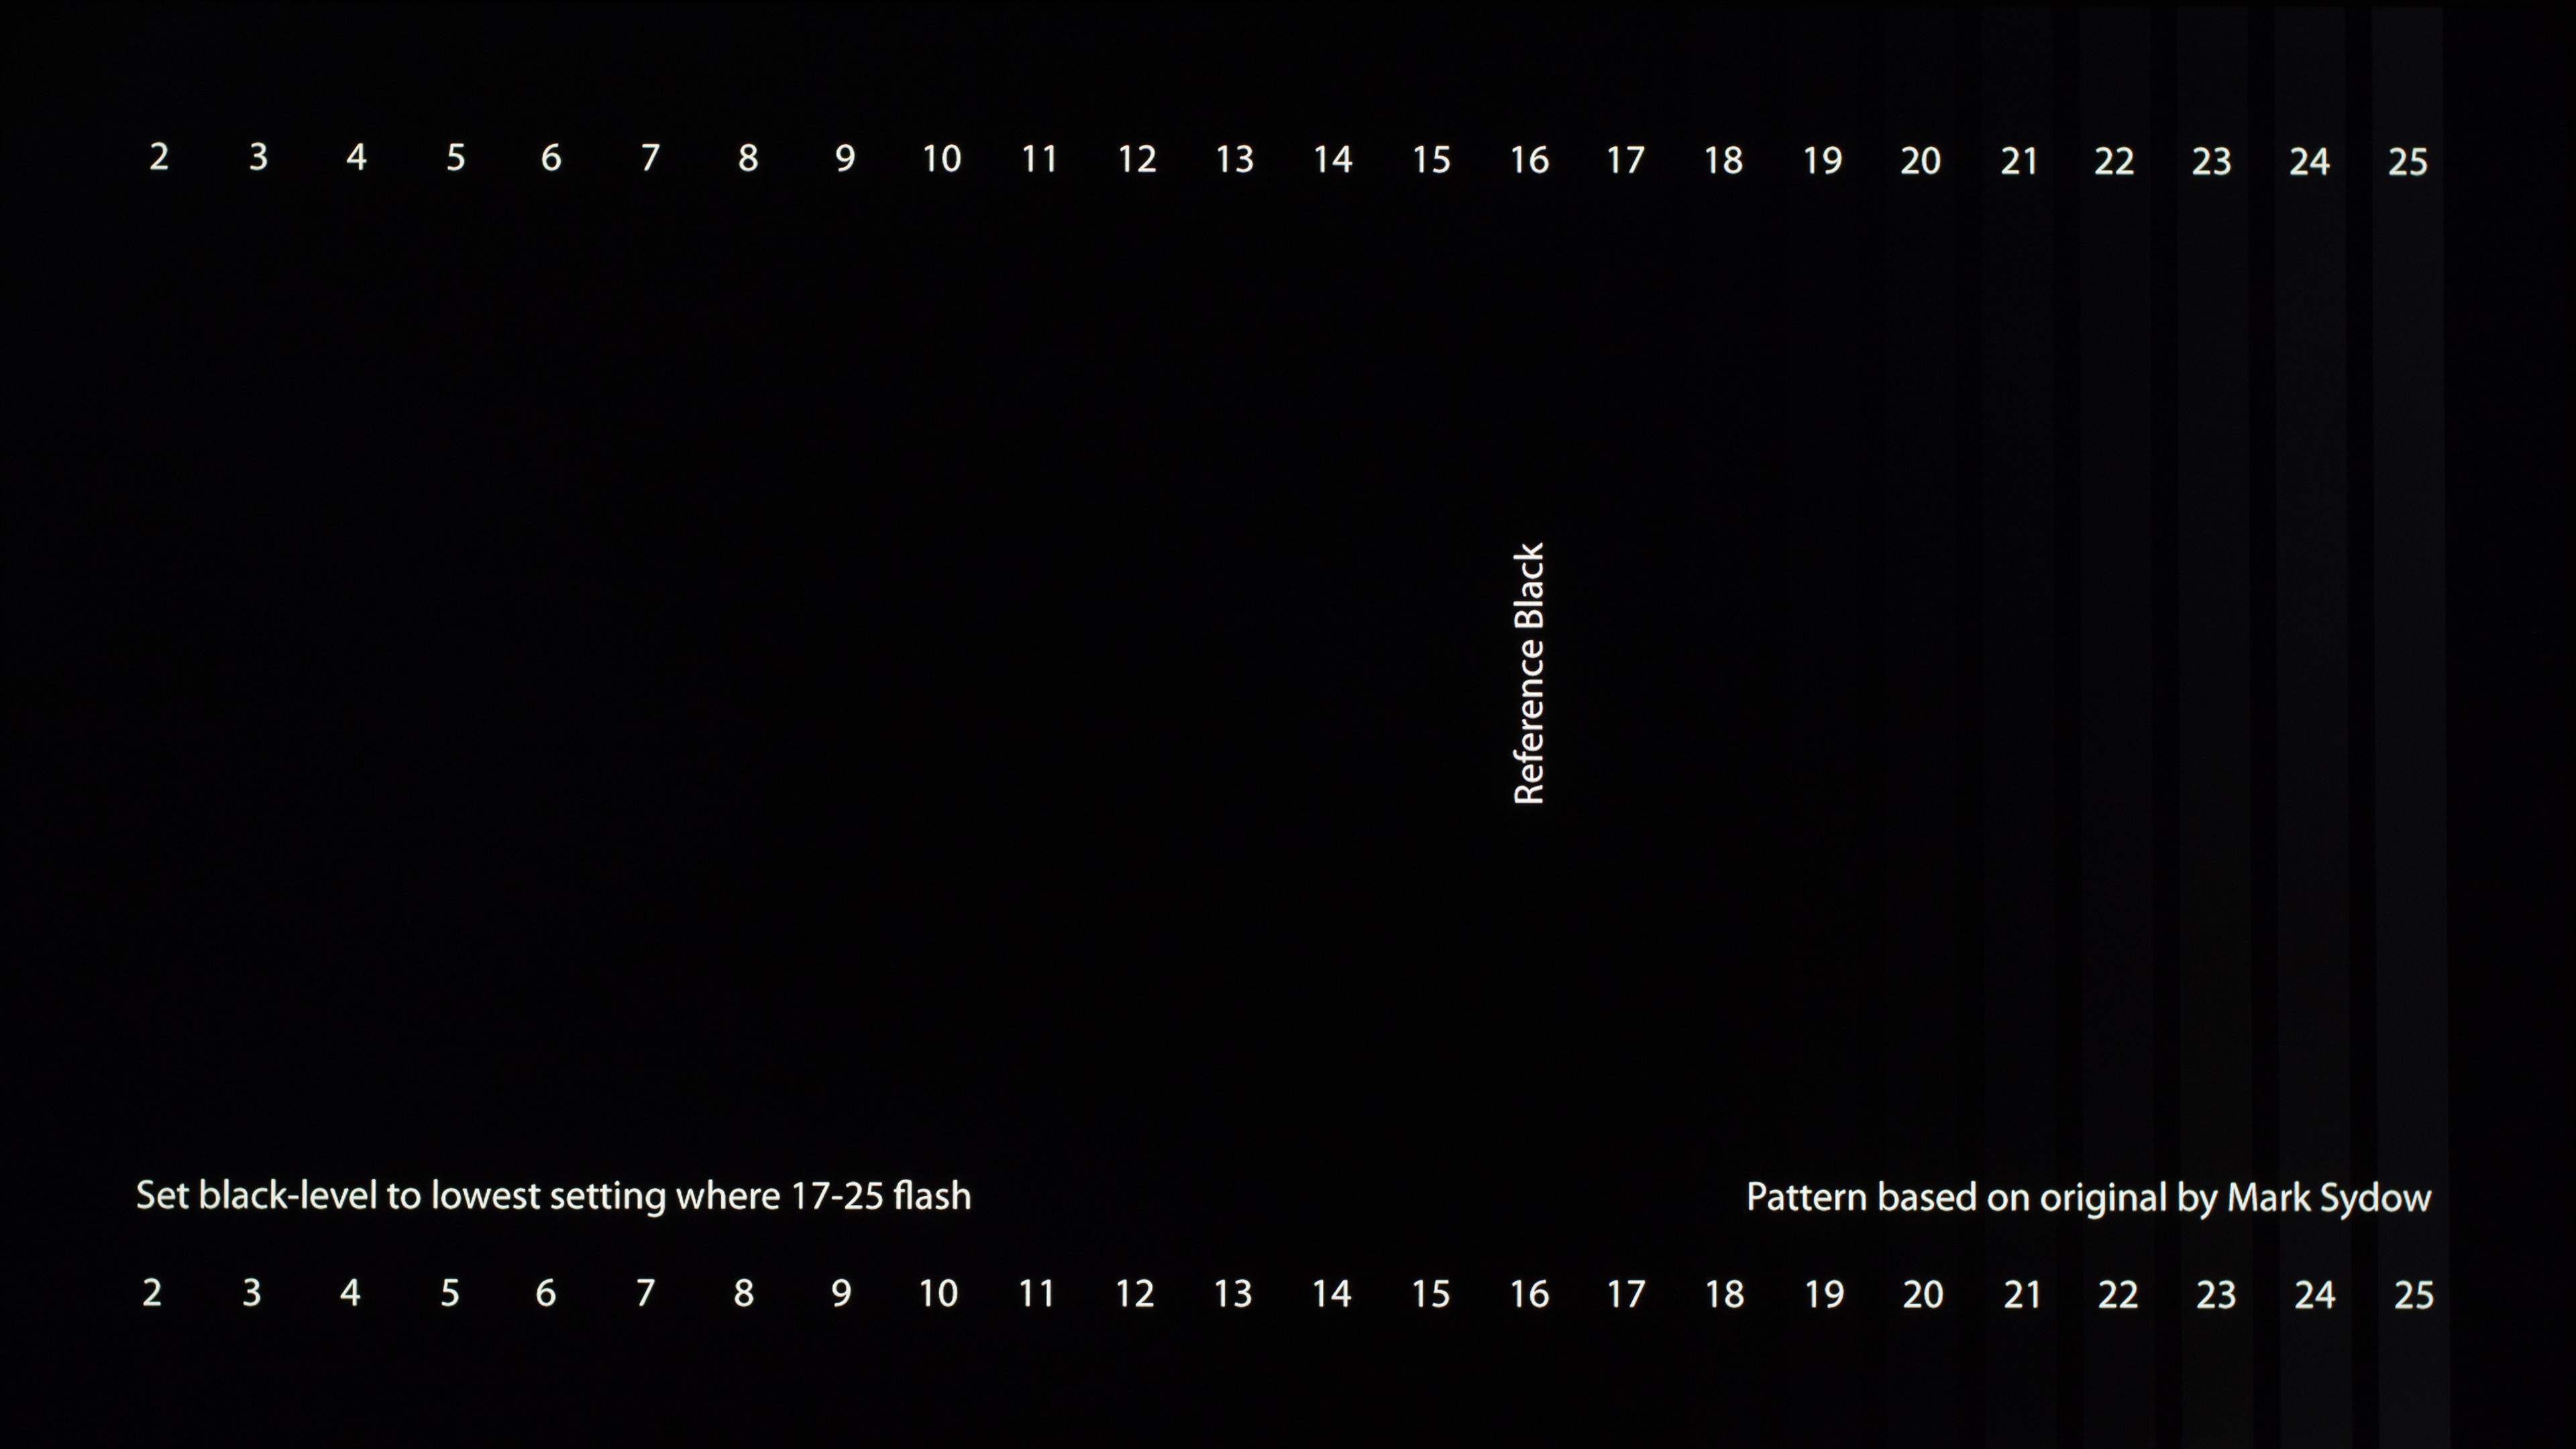 Kühlschrank-Modelle: hisense tv test mode